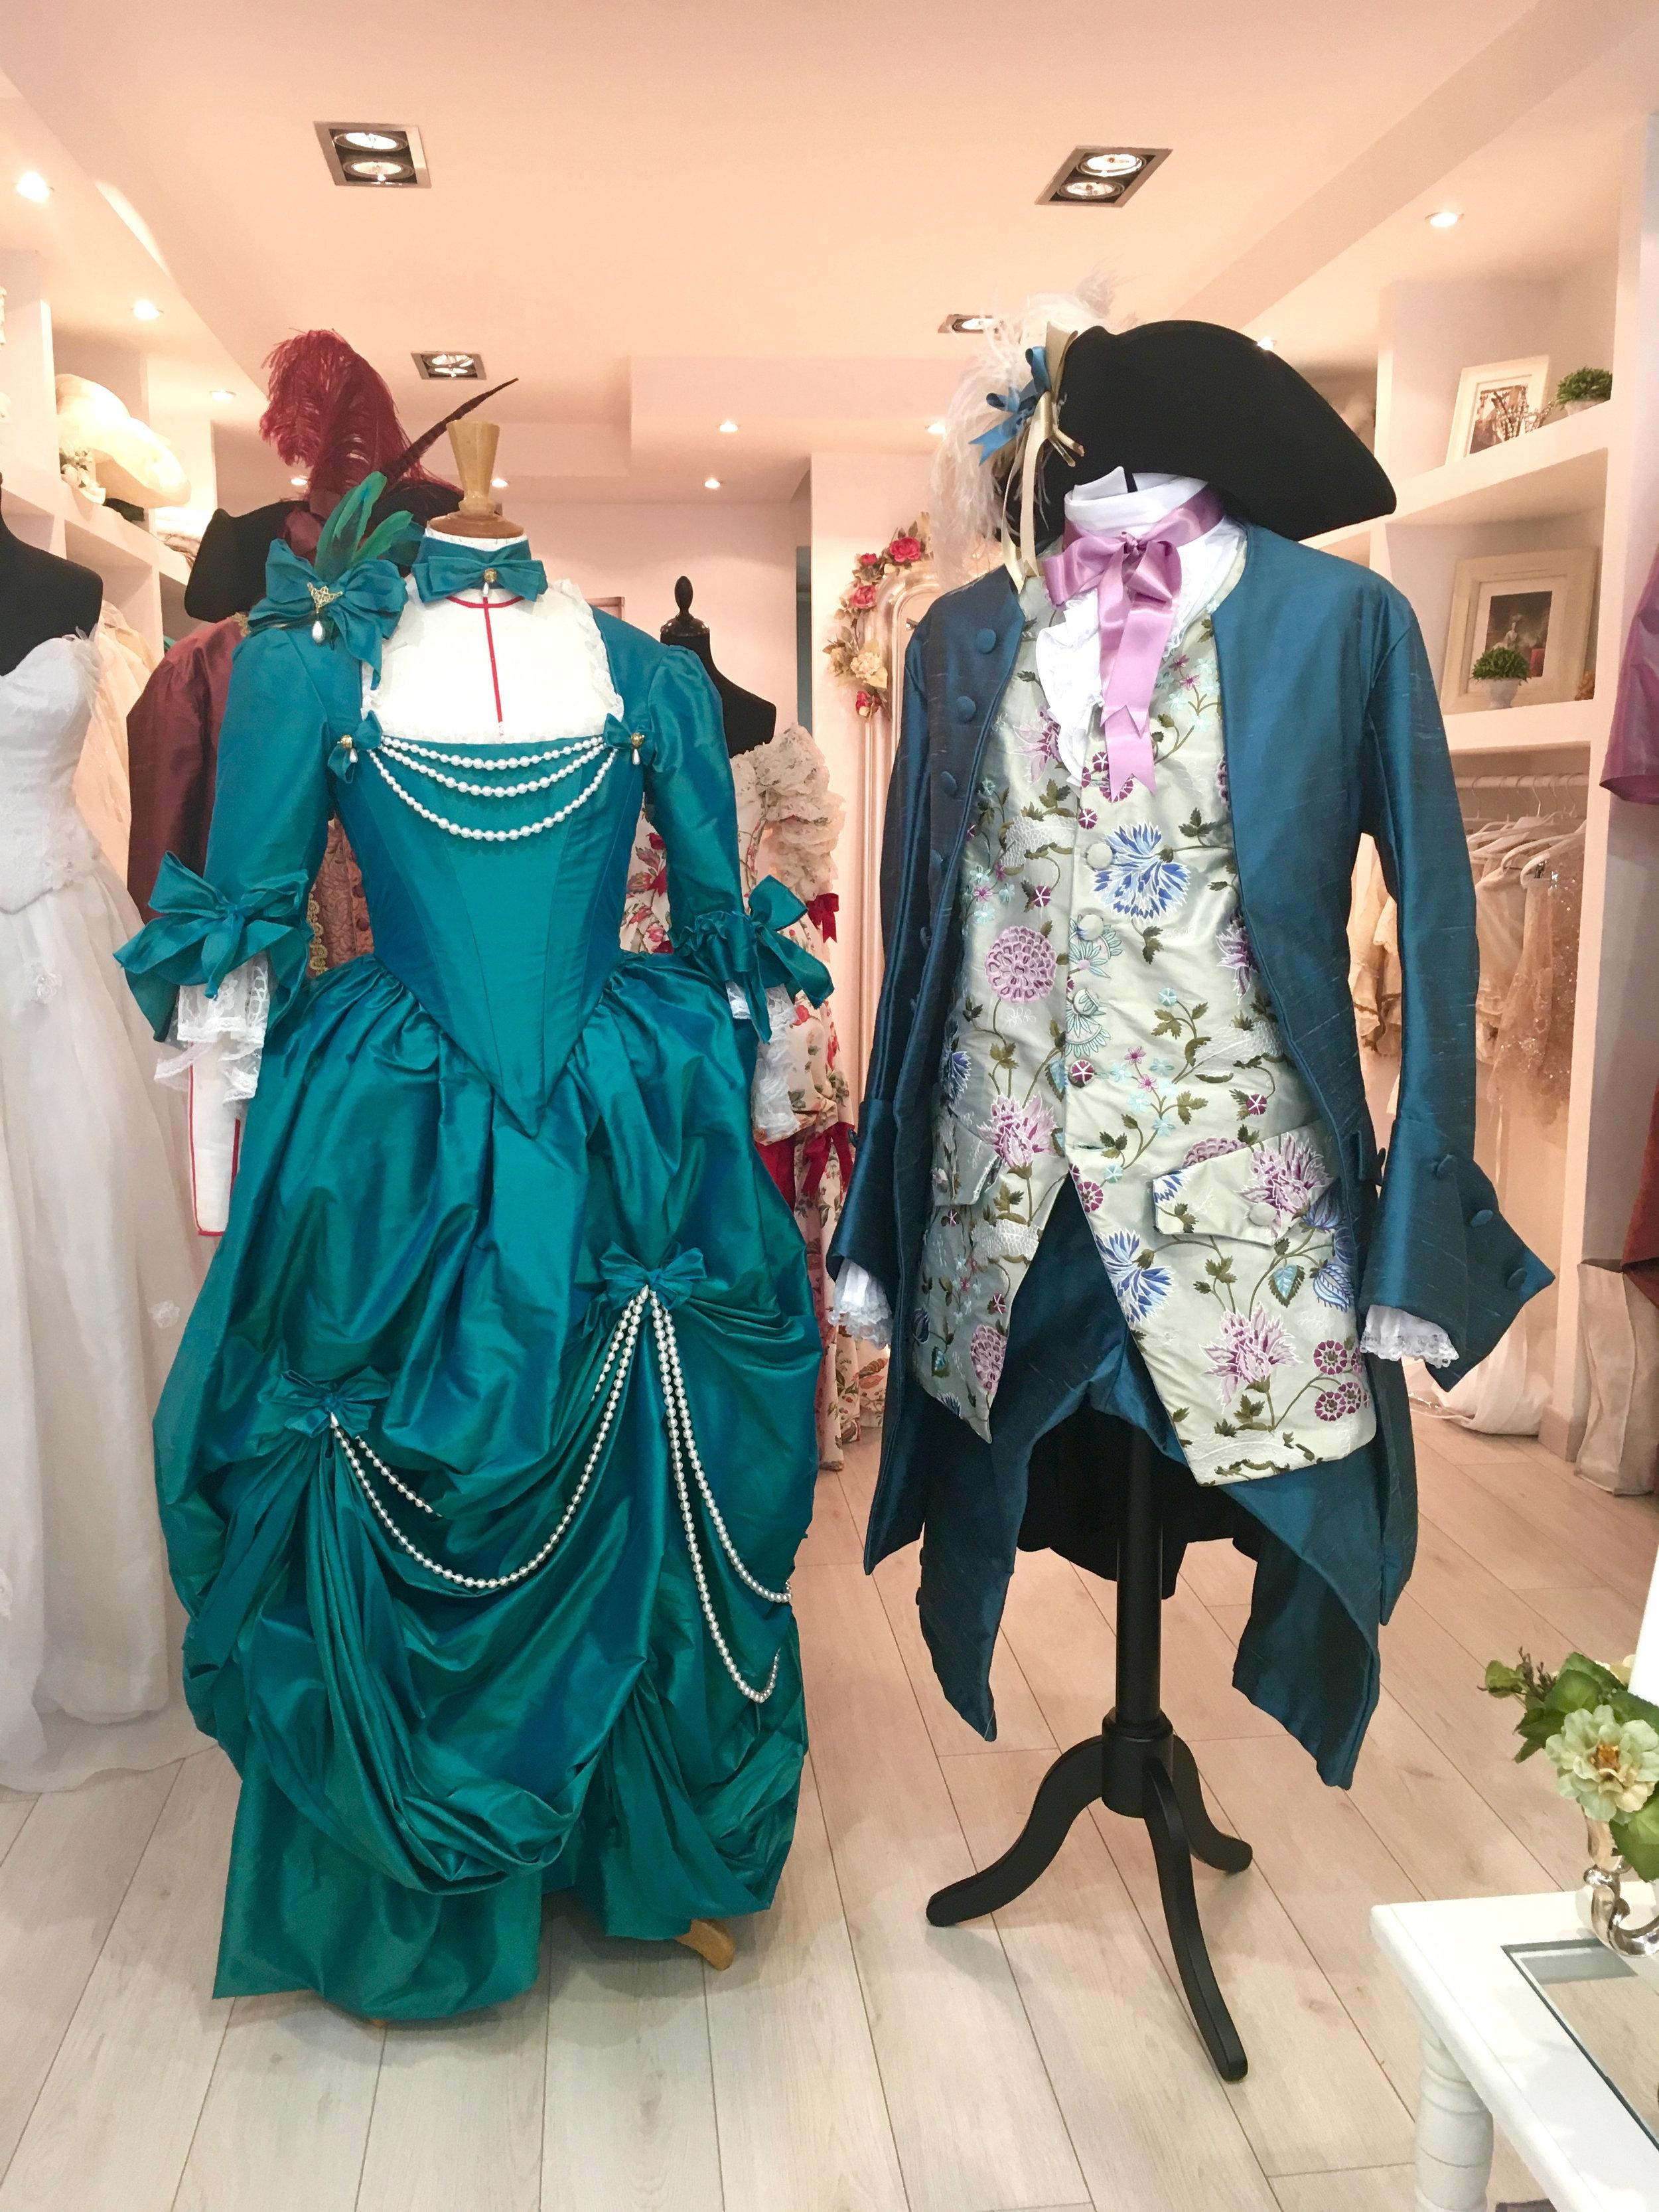 Costumes XVIIIe siècle par Agnès Szabelewski pour ReminiSens.jpg